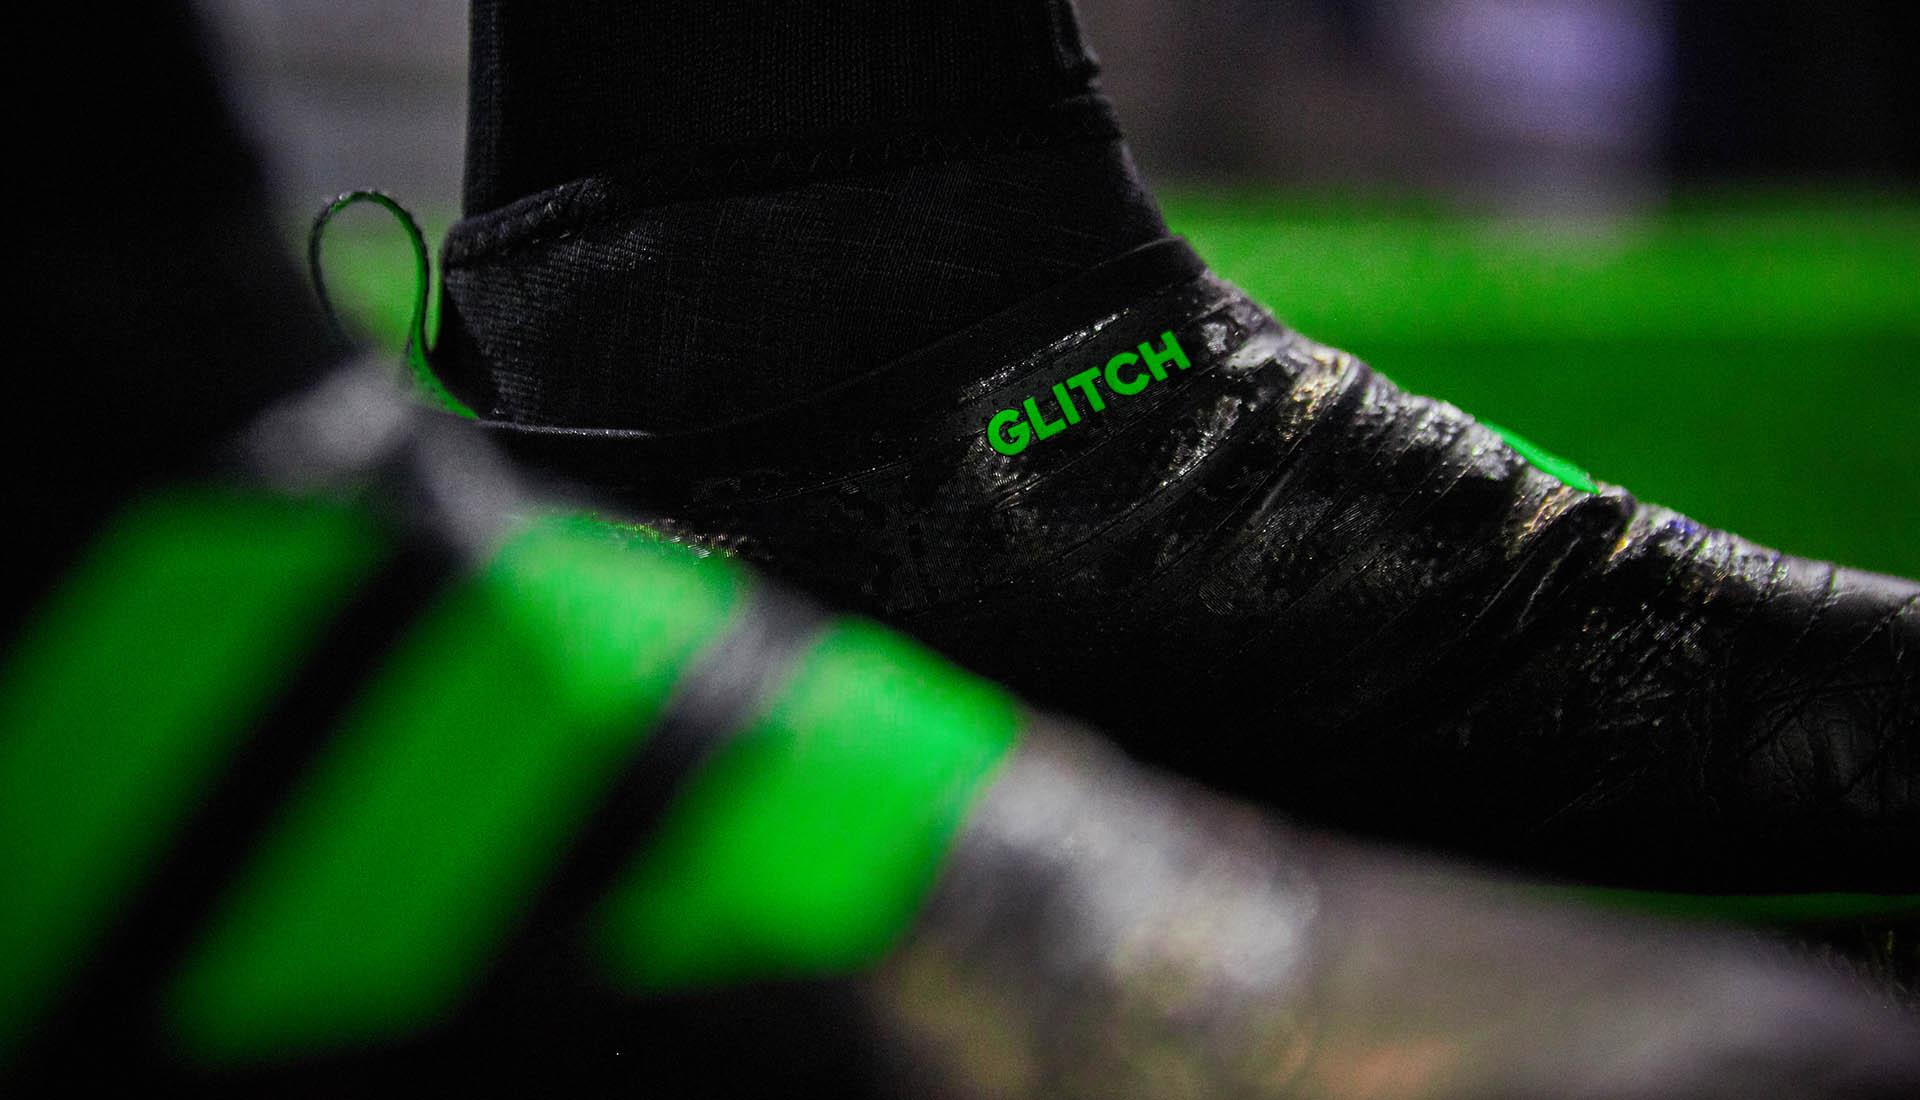 56cd883f9173 adidas Launch Glitch 17